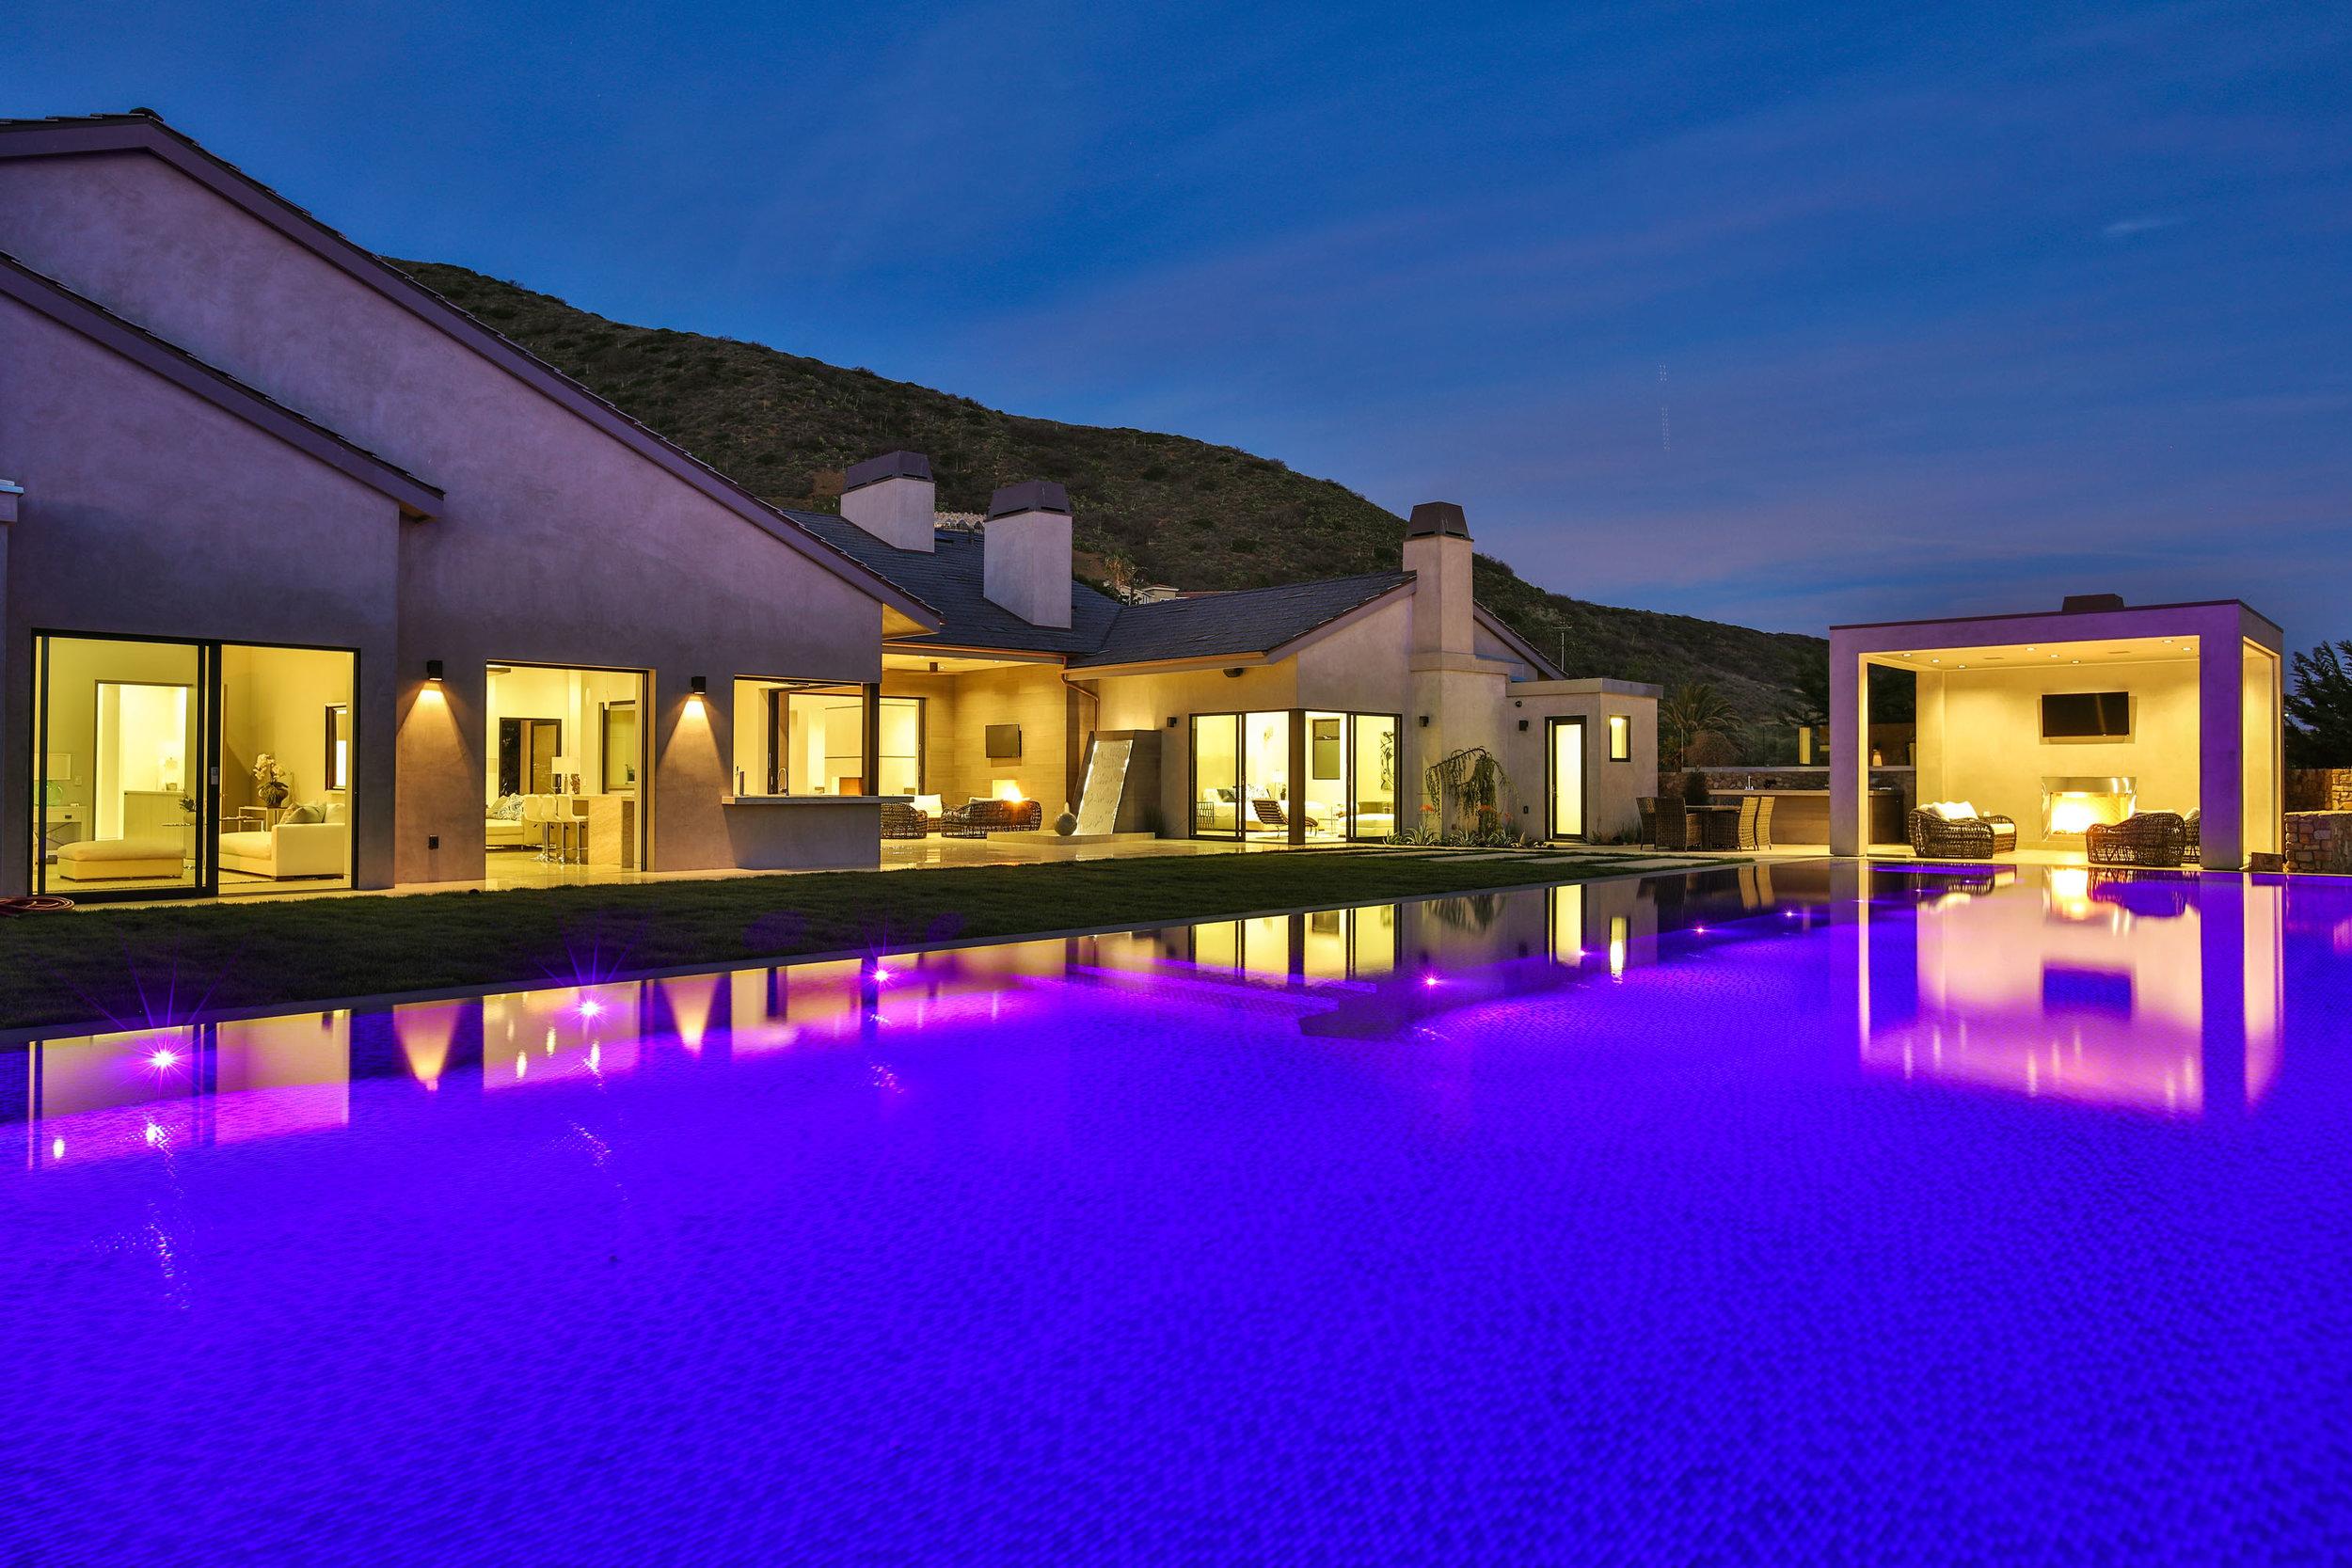 026 pool house night 11902 Ellice Street Malibu For Sale The Malibu Life Team Luxury Real Estate.jpg